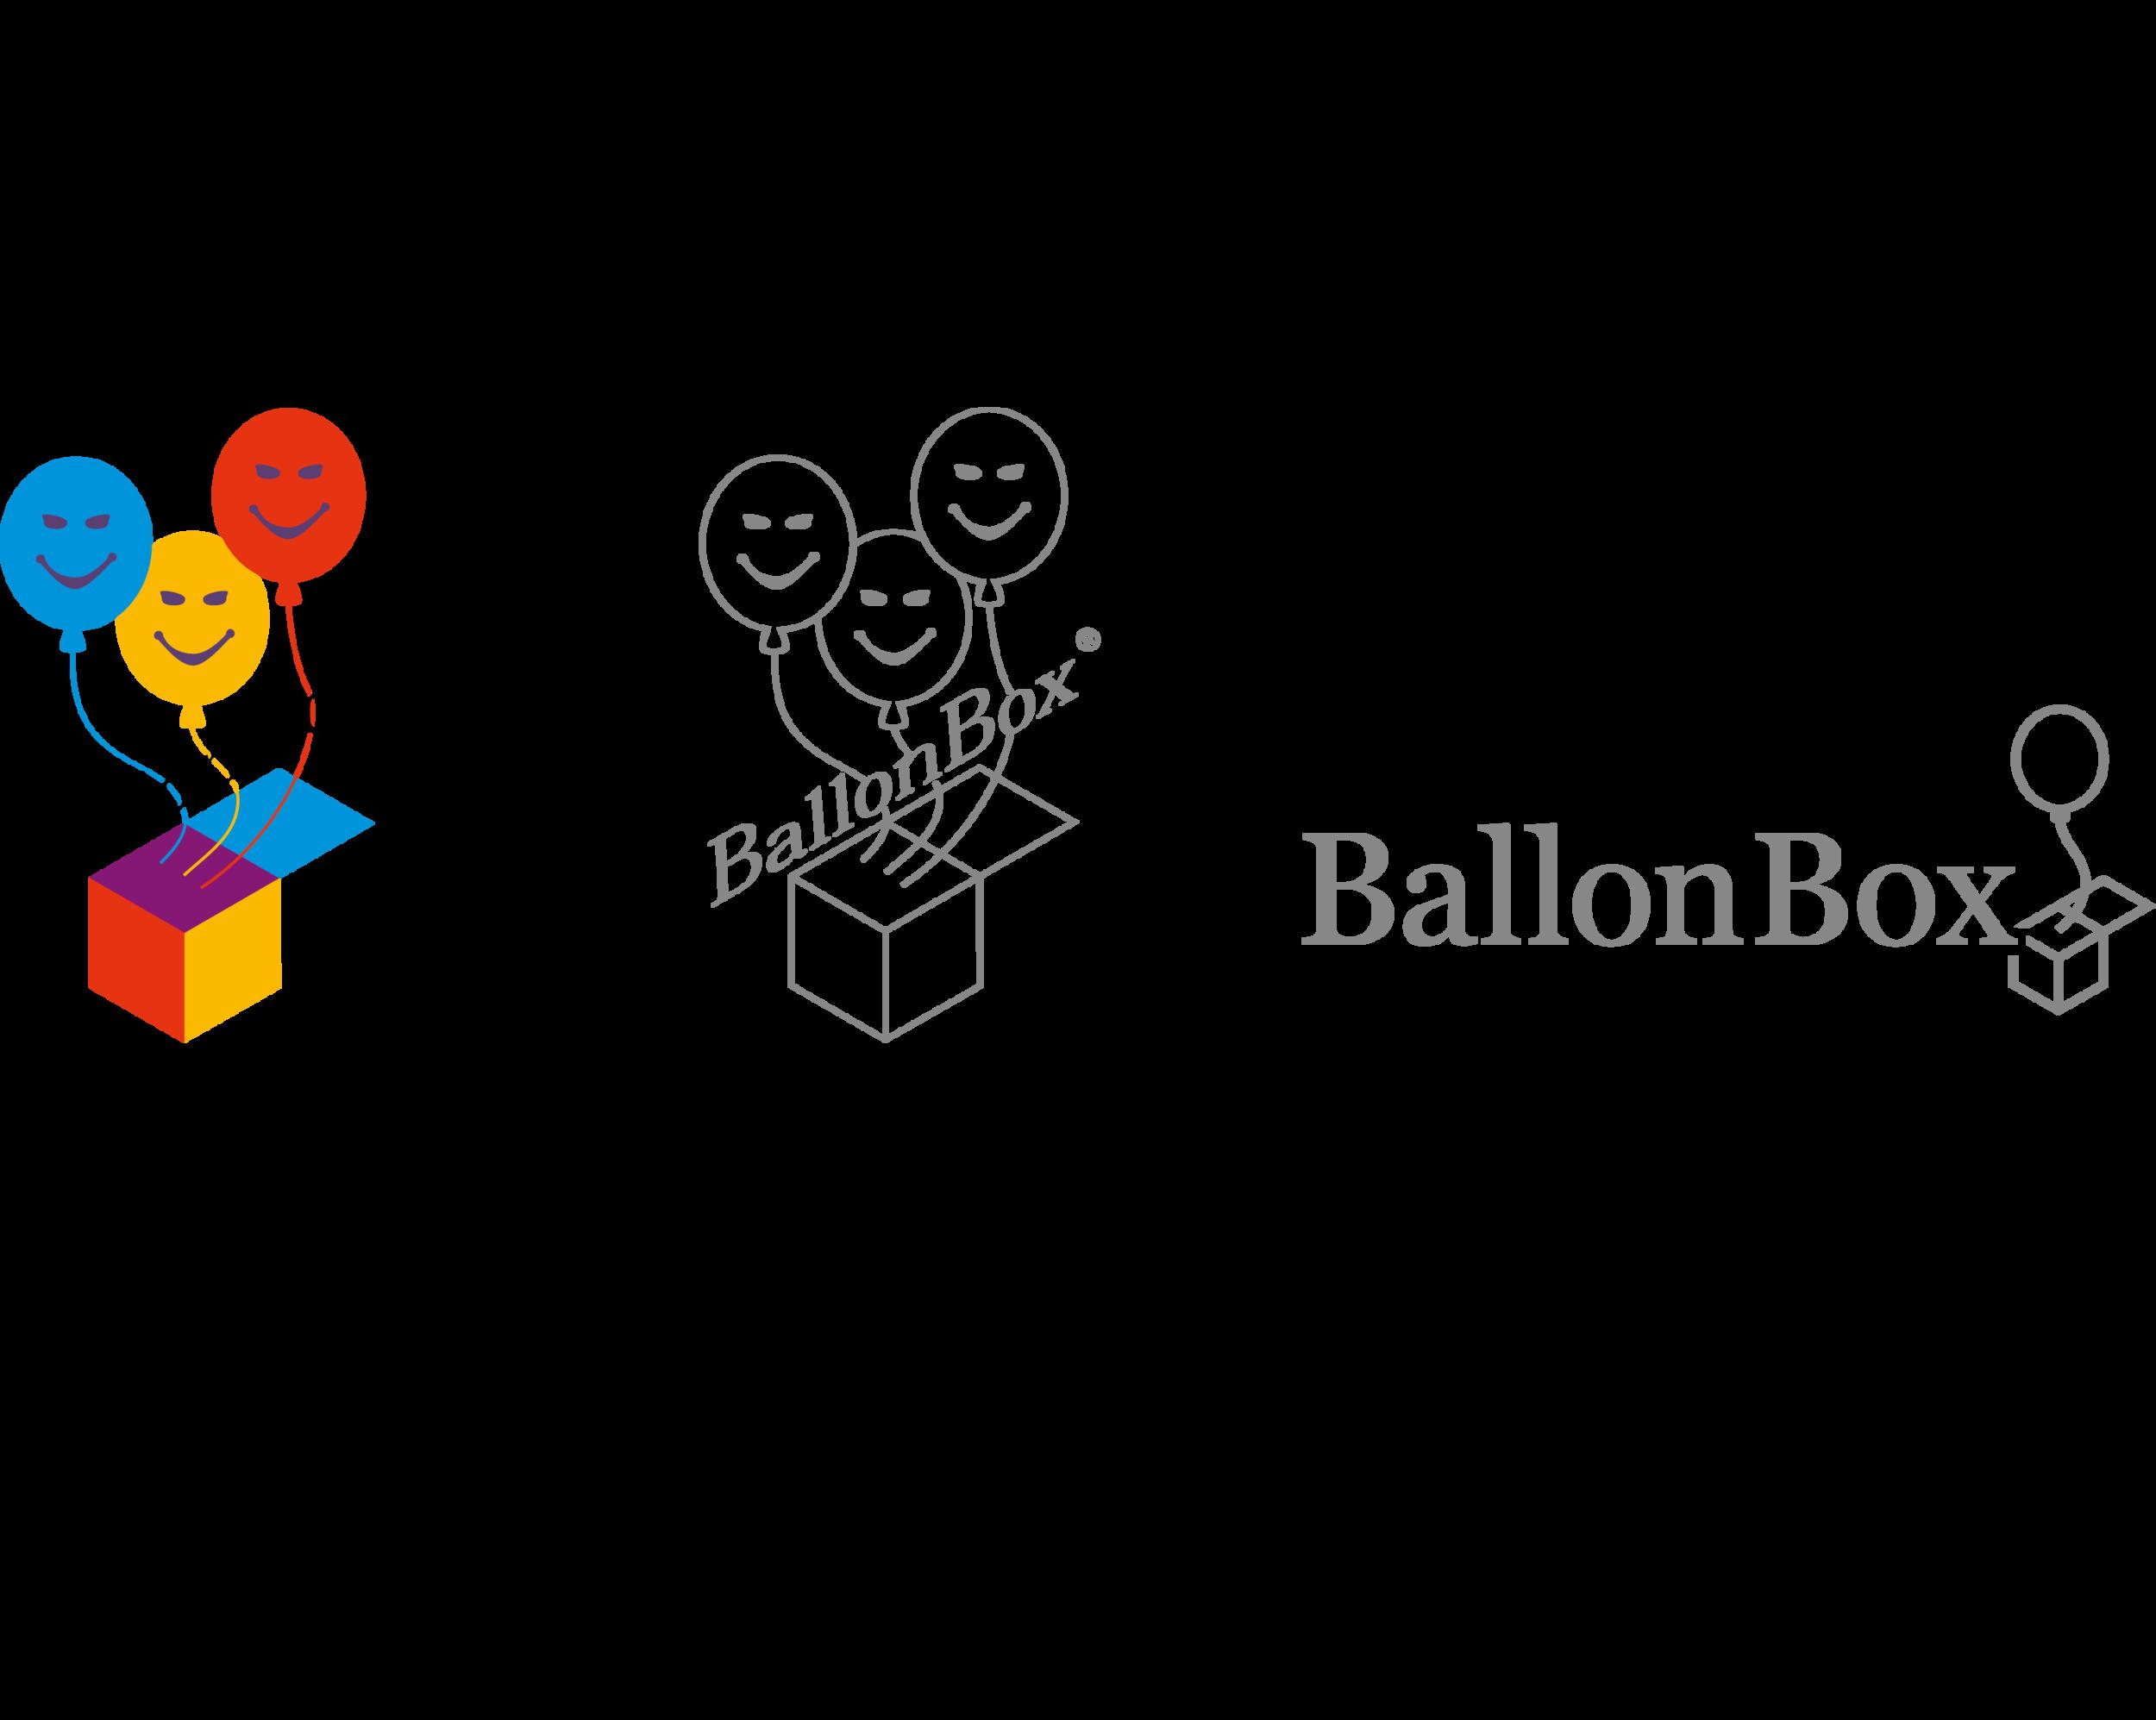 Entwicklungsphasen Logo Ballon Box